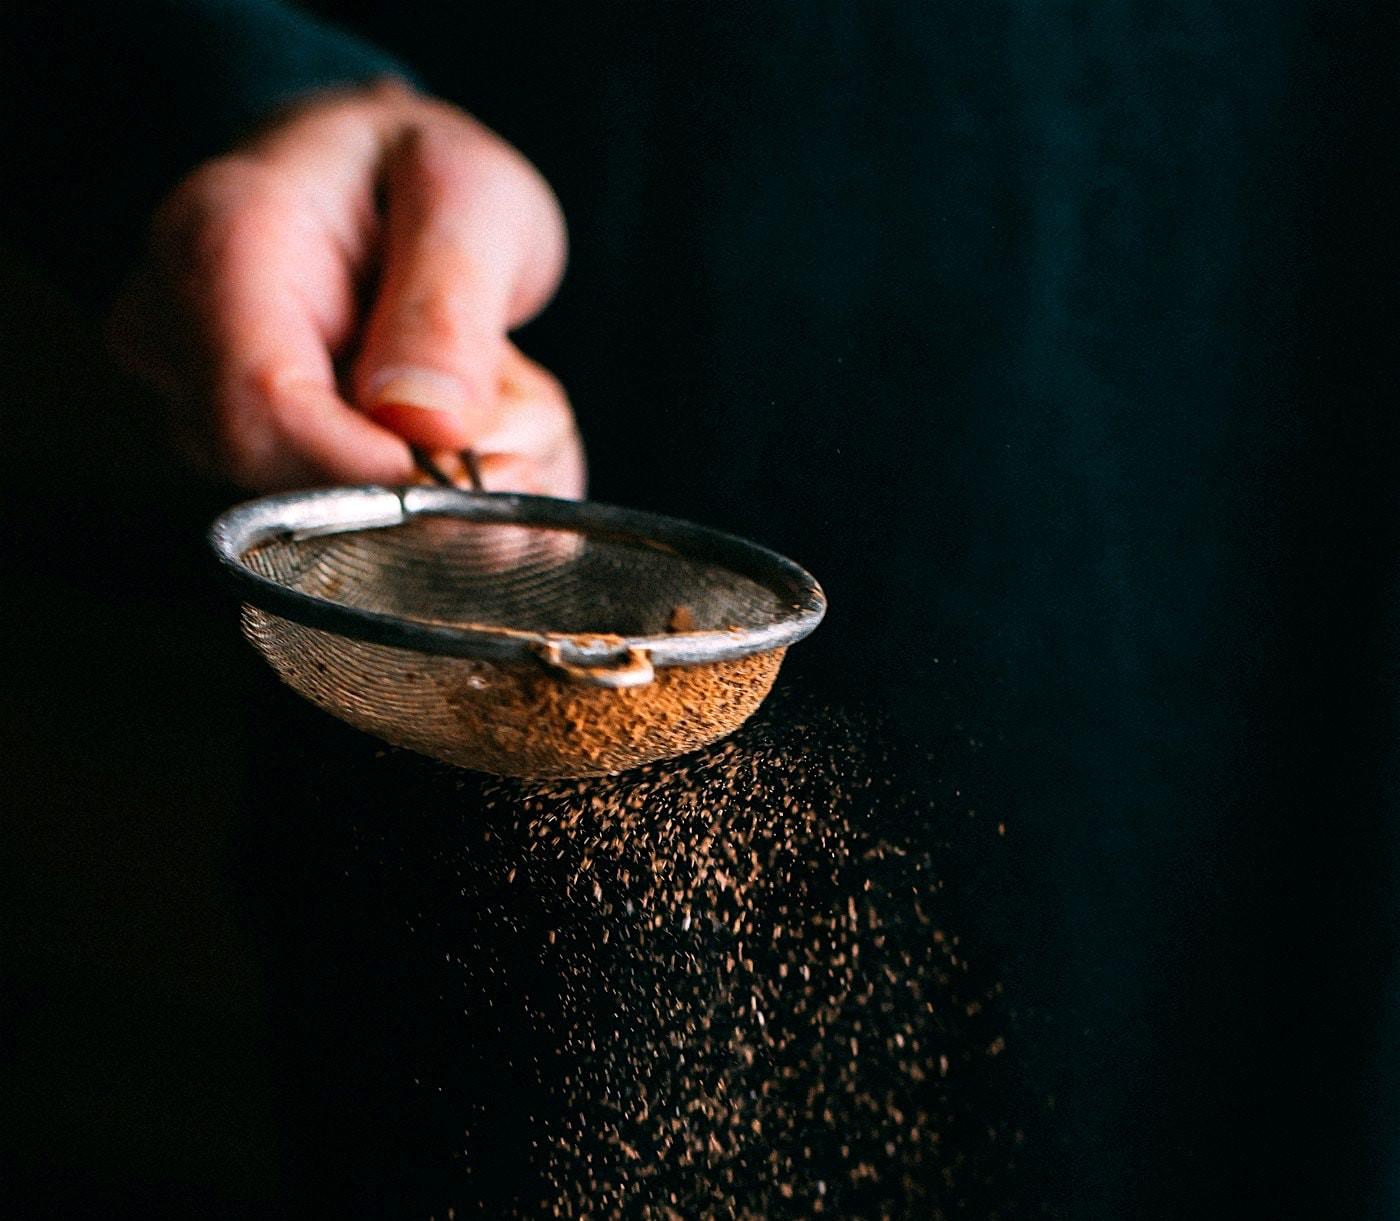 Eine Hand siebt Kakao aus einem kleinen Küchensieb